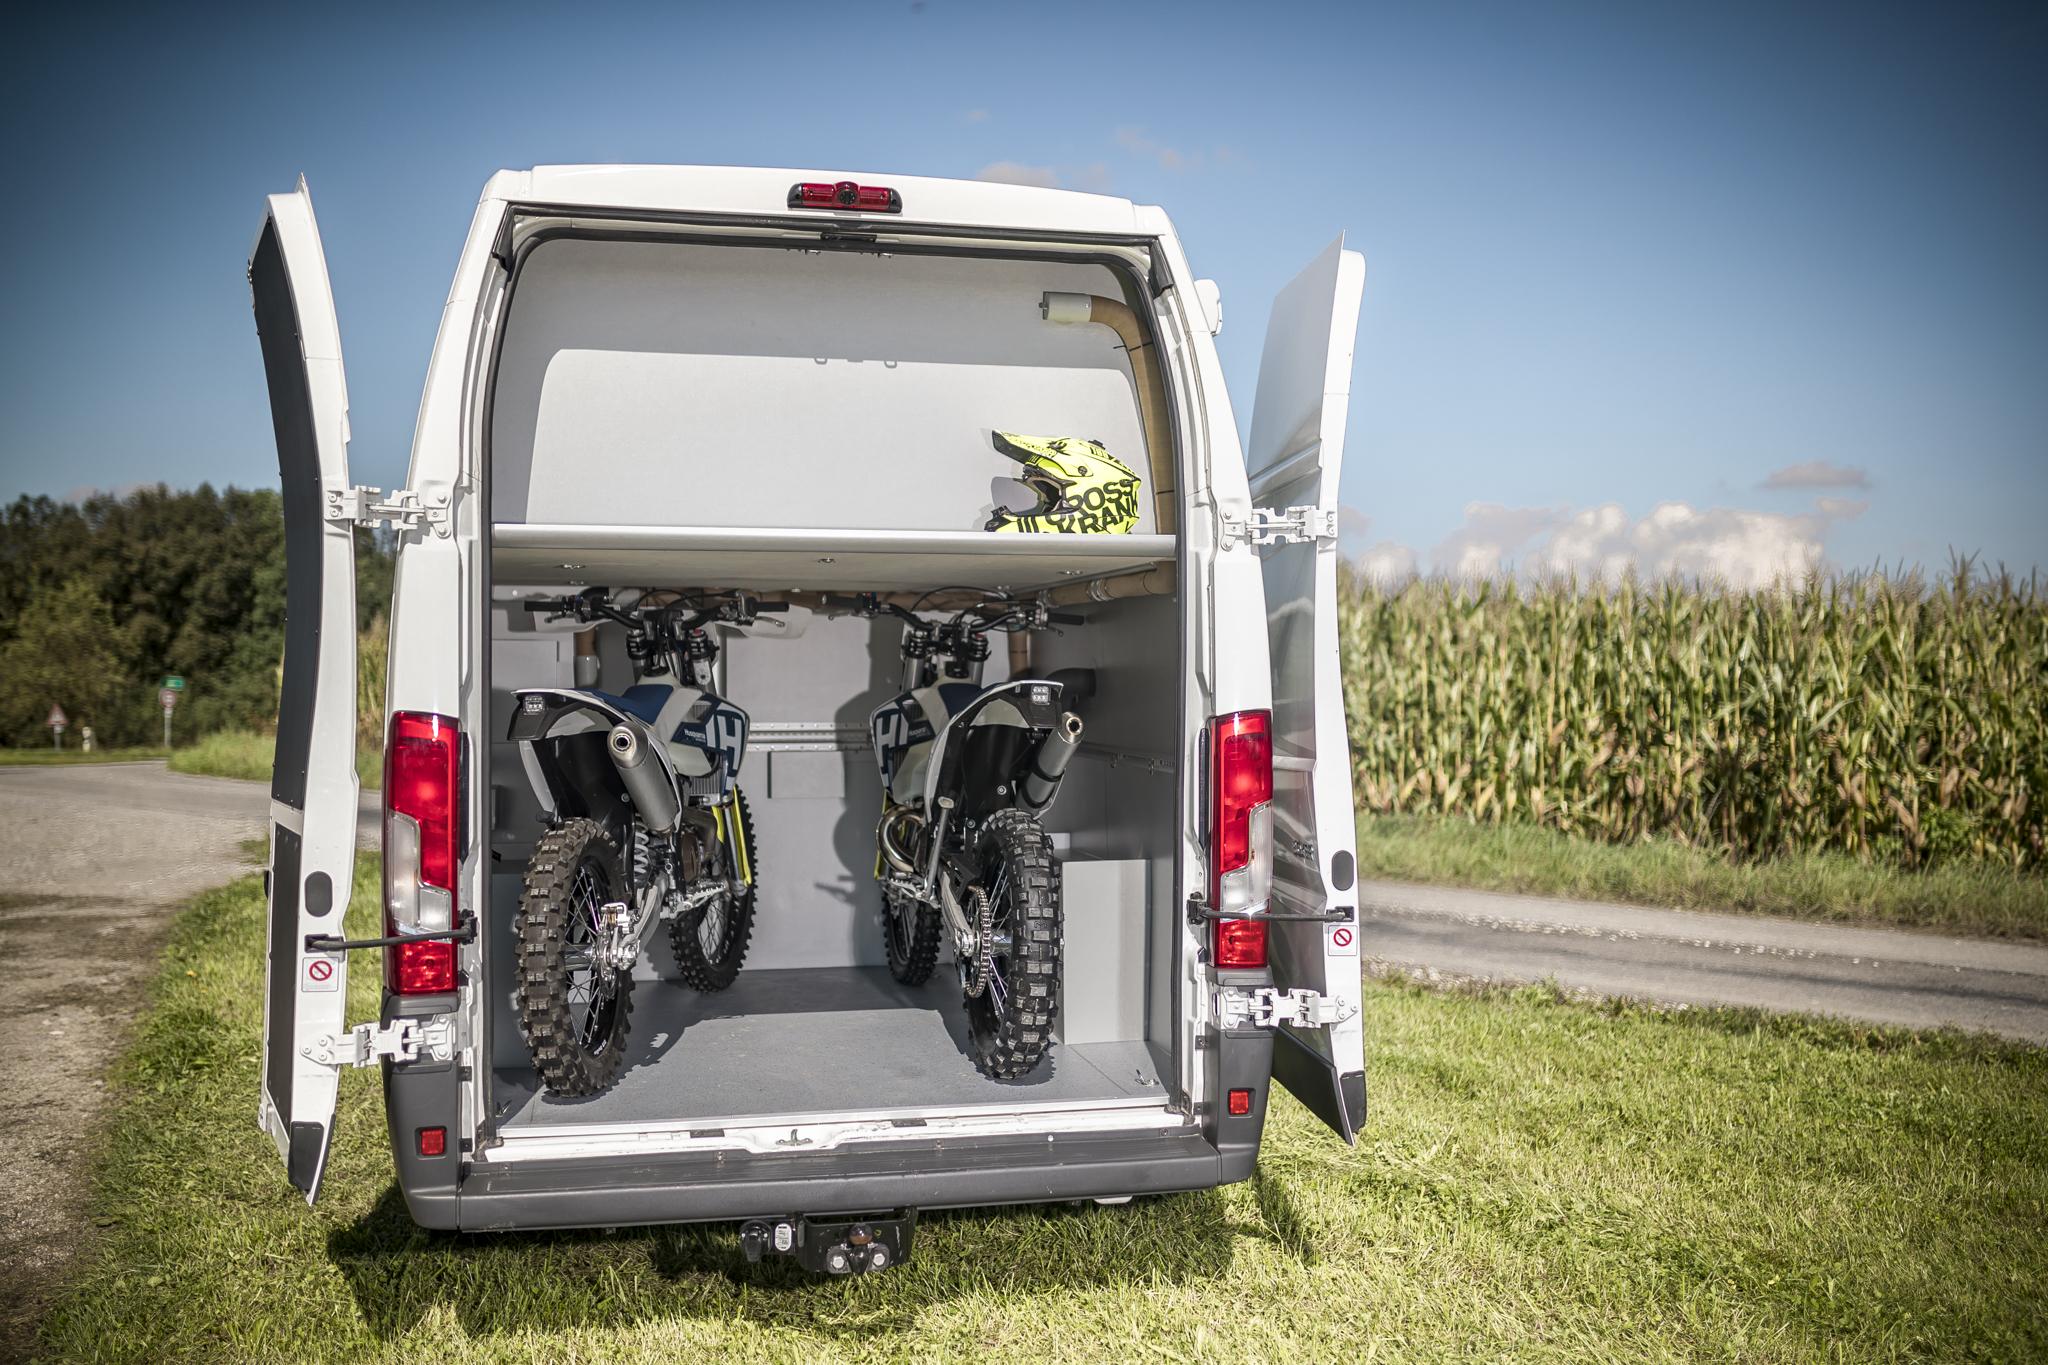 kastenwagen renntransporter umbau ausbau van vr motorhomes. Black Bedroom Furniture Sets. Home Design Ideas